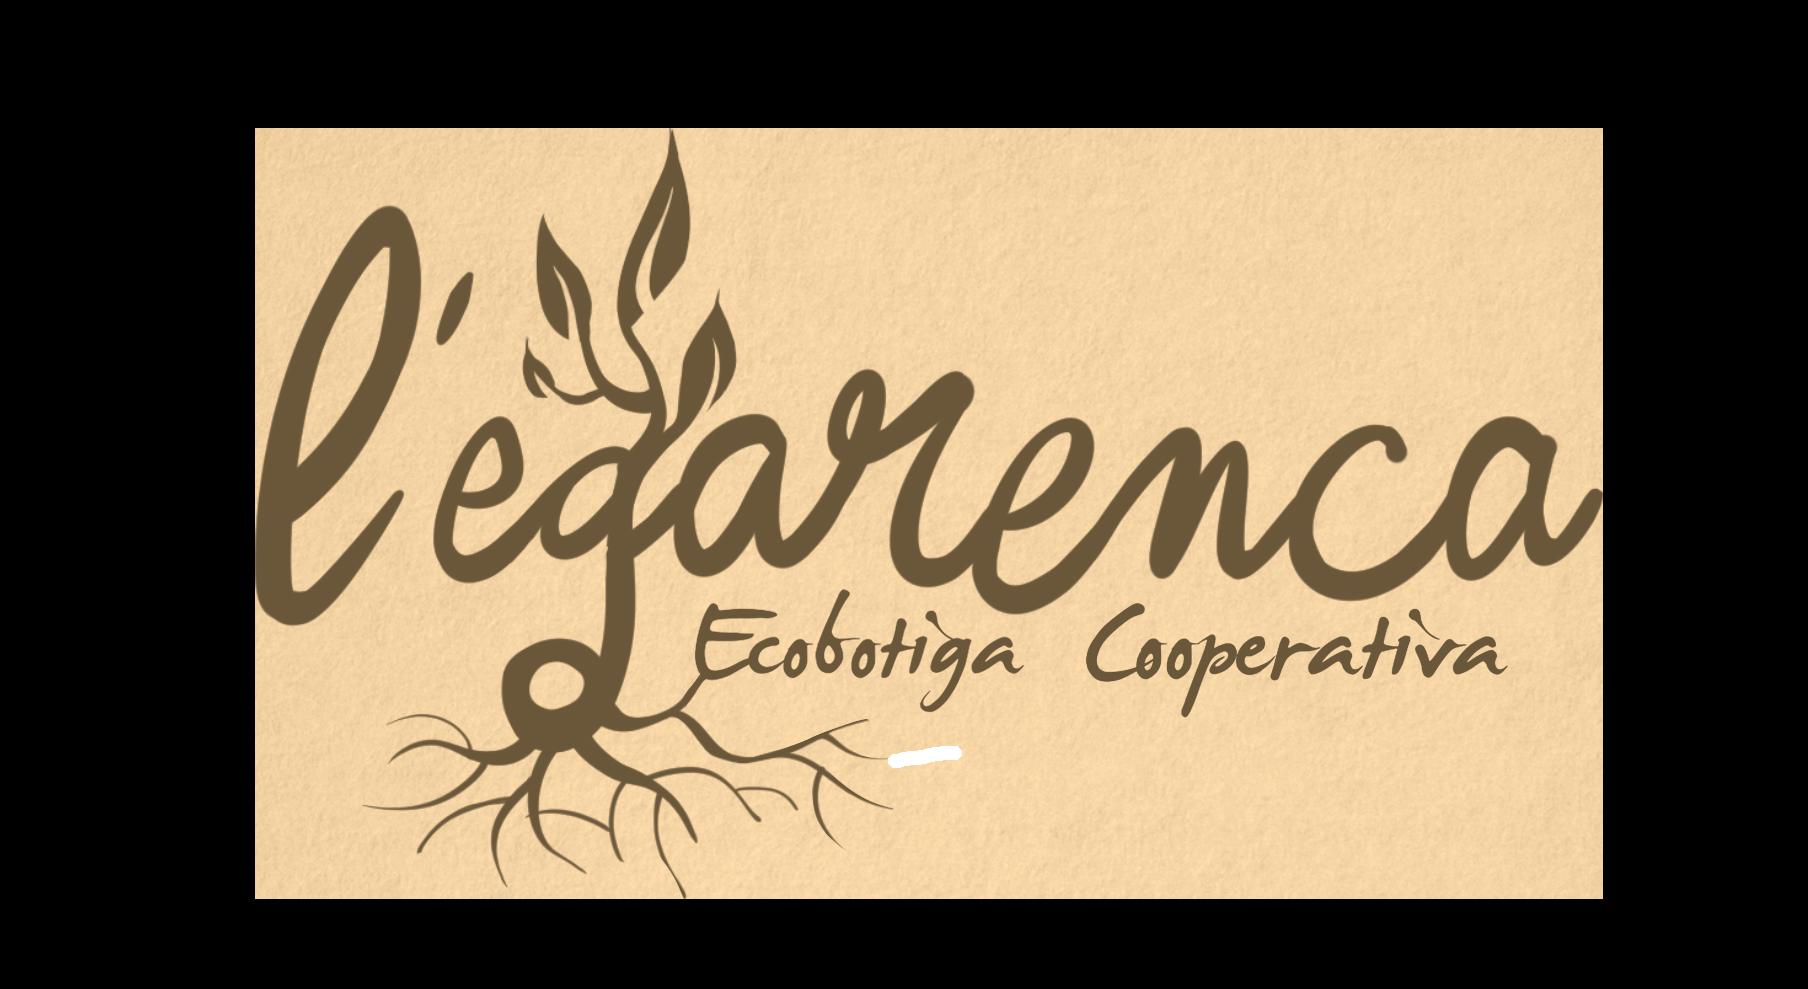 Ecobotiga L'Egarenca